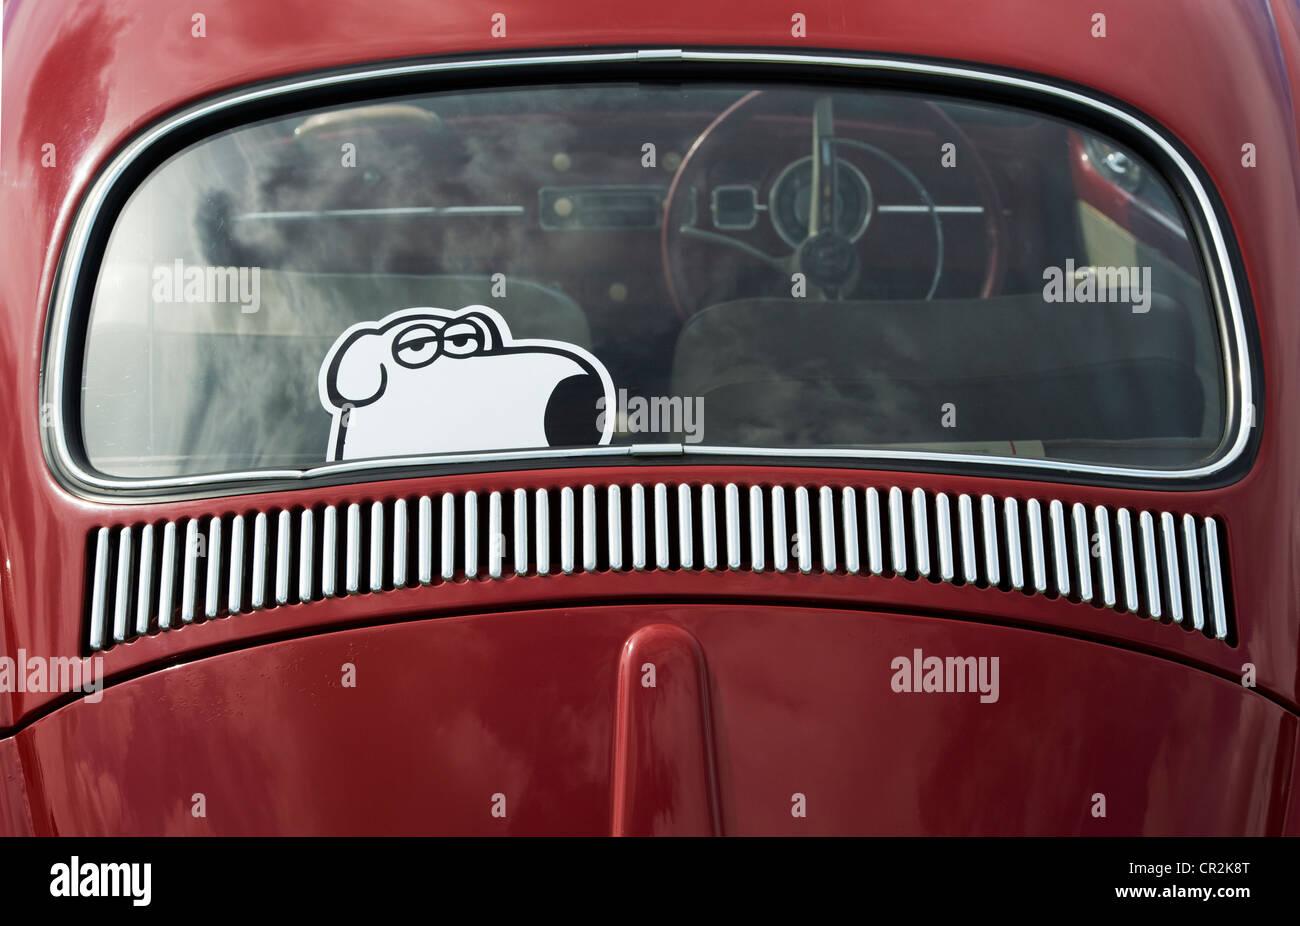 Vw Volkswagen Käfer Auto Mit Hund Aufkleber An Der